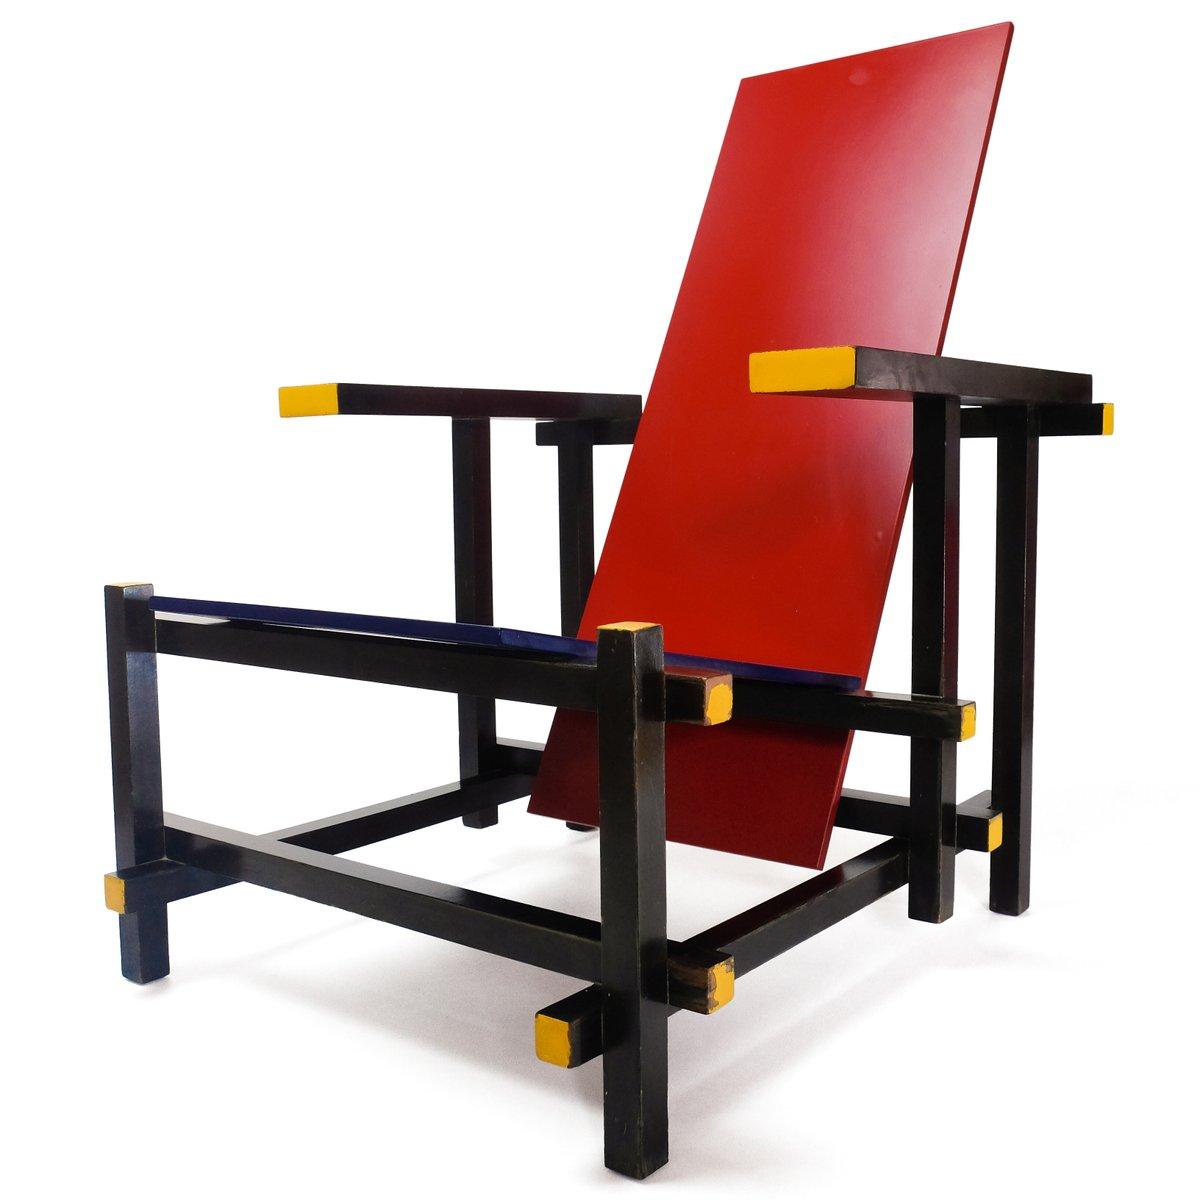 chaise rouge bleue par gerrit thomas rietveld pour cassina 1970s en vente sur pamono. Black Bedroom Furniture Sets. Home Design Ideas